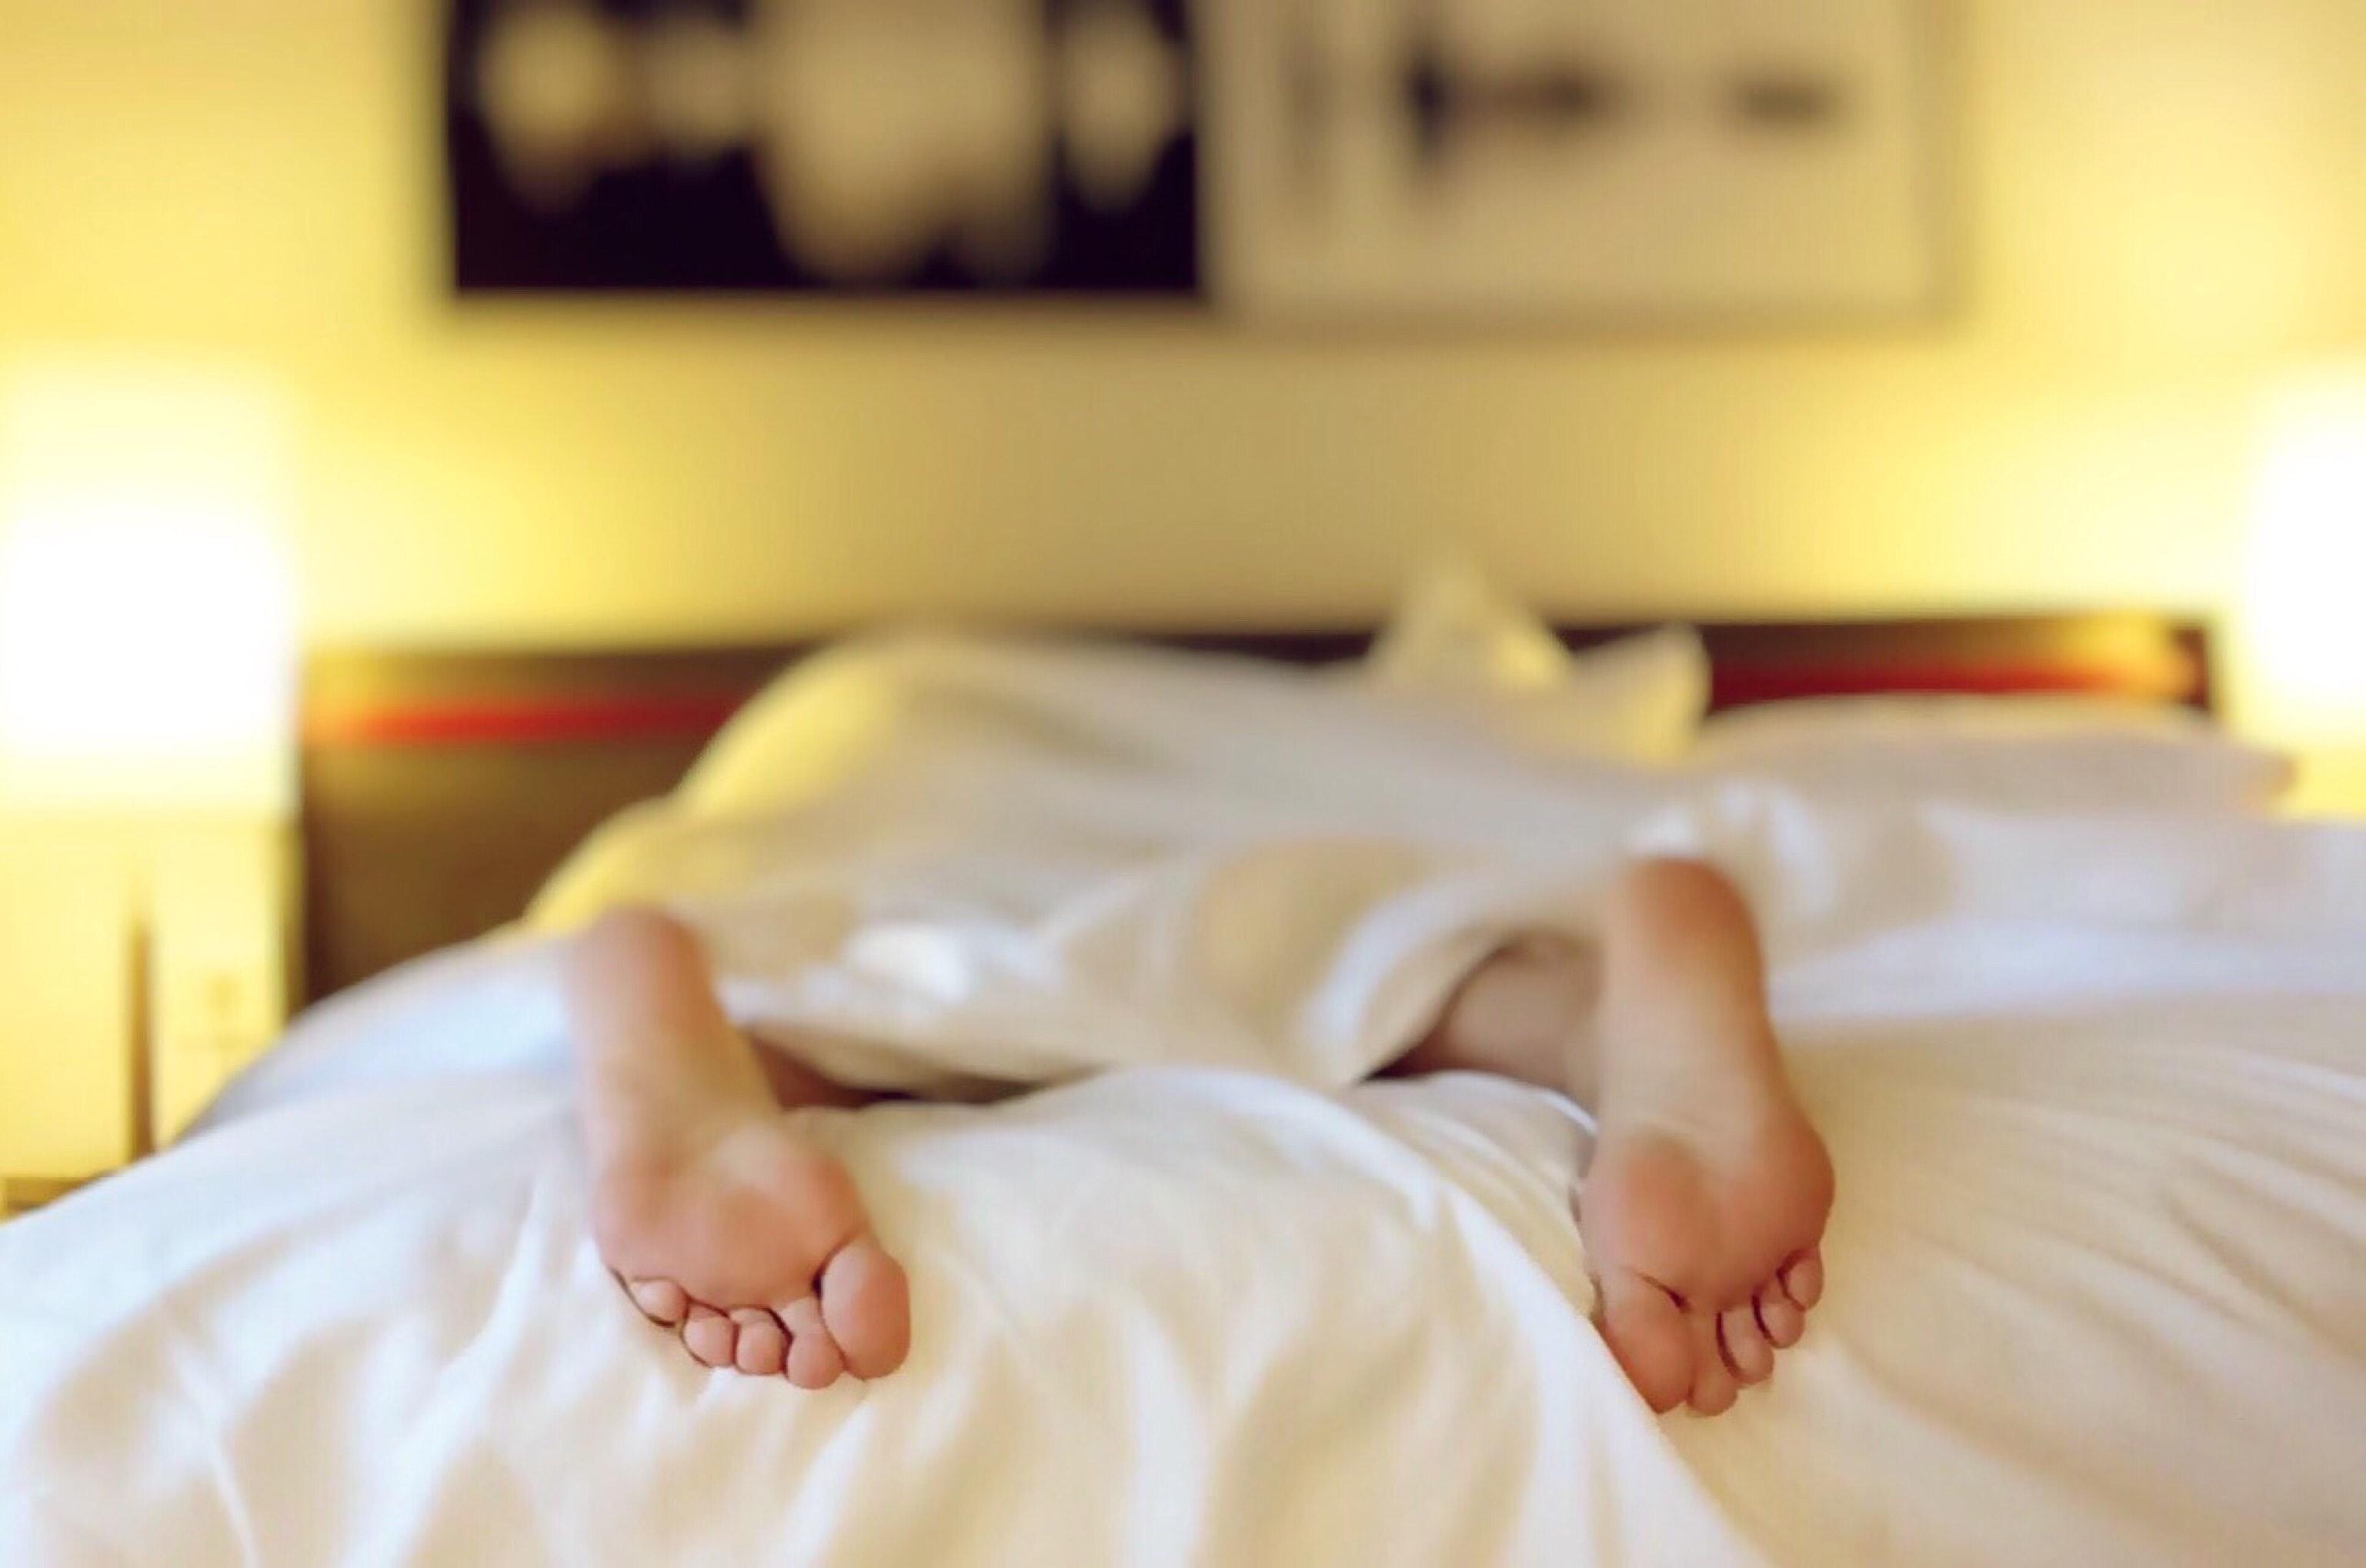 Babské rady a med: chřipka, nachlazení, kašel, rýma